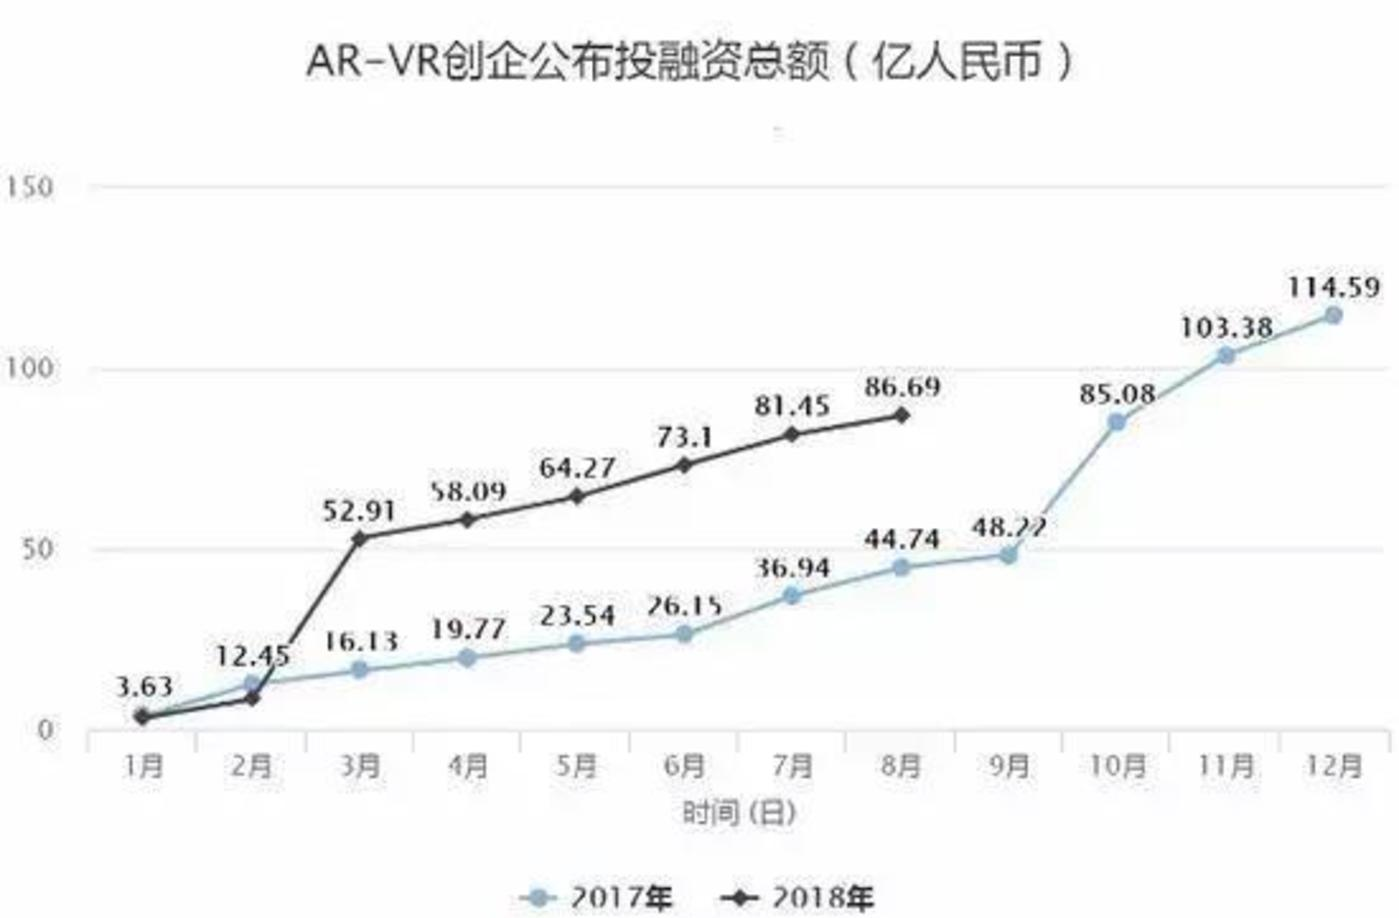 还没凉透的VR,5G时代会迎来春天吗?